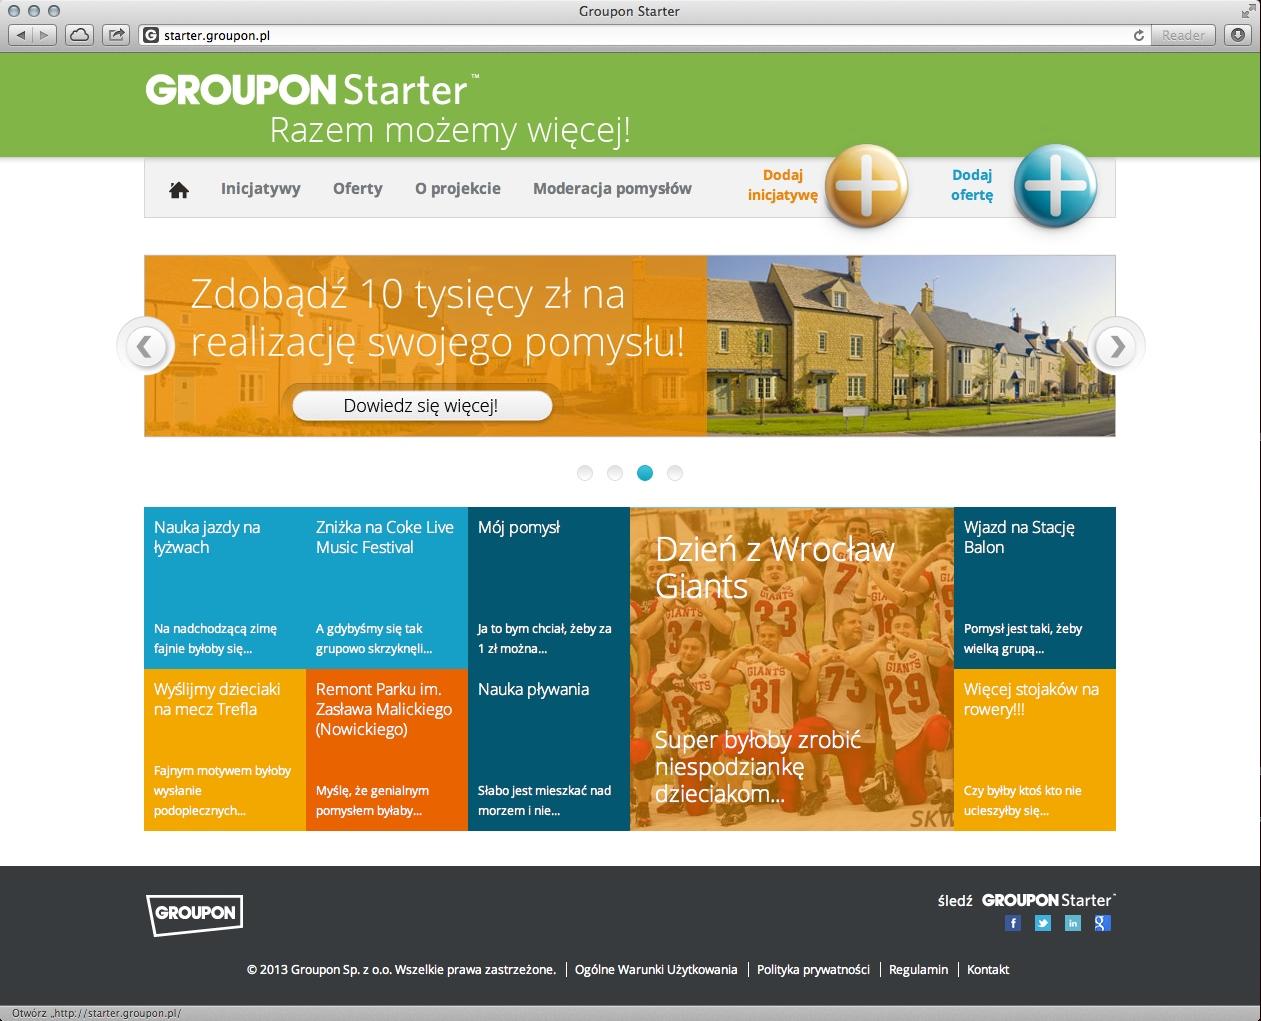 groupon-starter-platforma